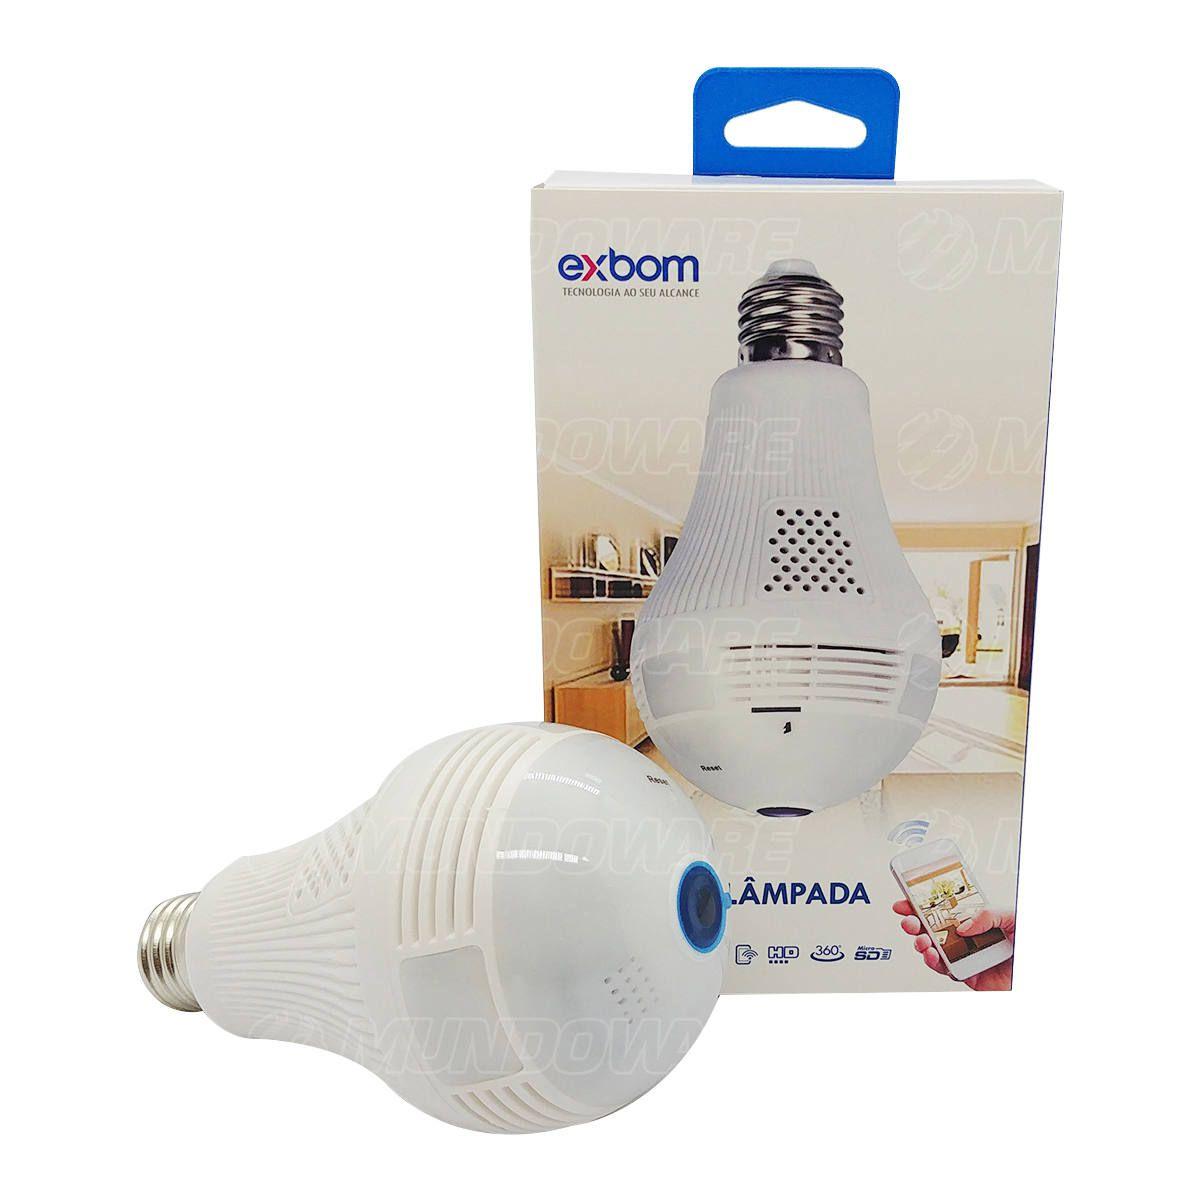 Câmera Lâmpada IP 360º Panorâmica HD 2.0MP 1280x960 SD Card Visão Noturna Alto-falante e Microfone Exbom IPCAM-L130